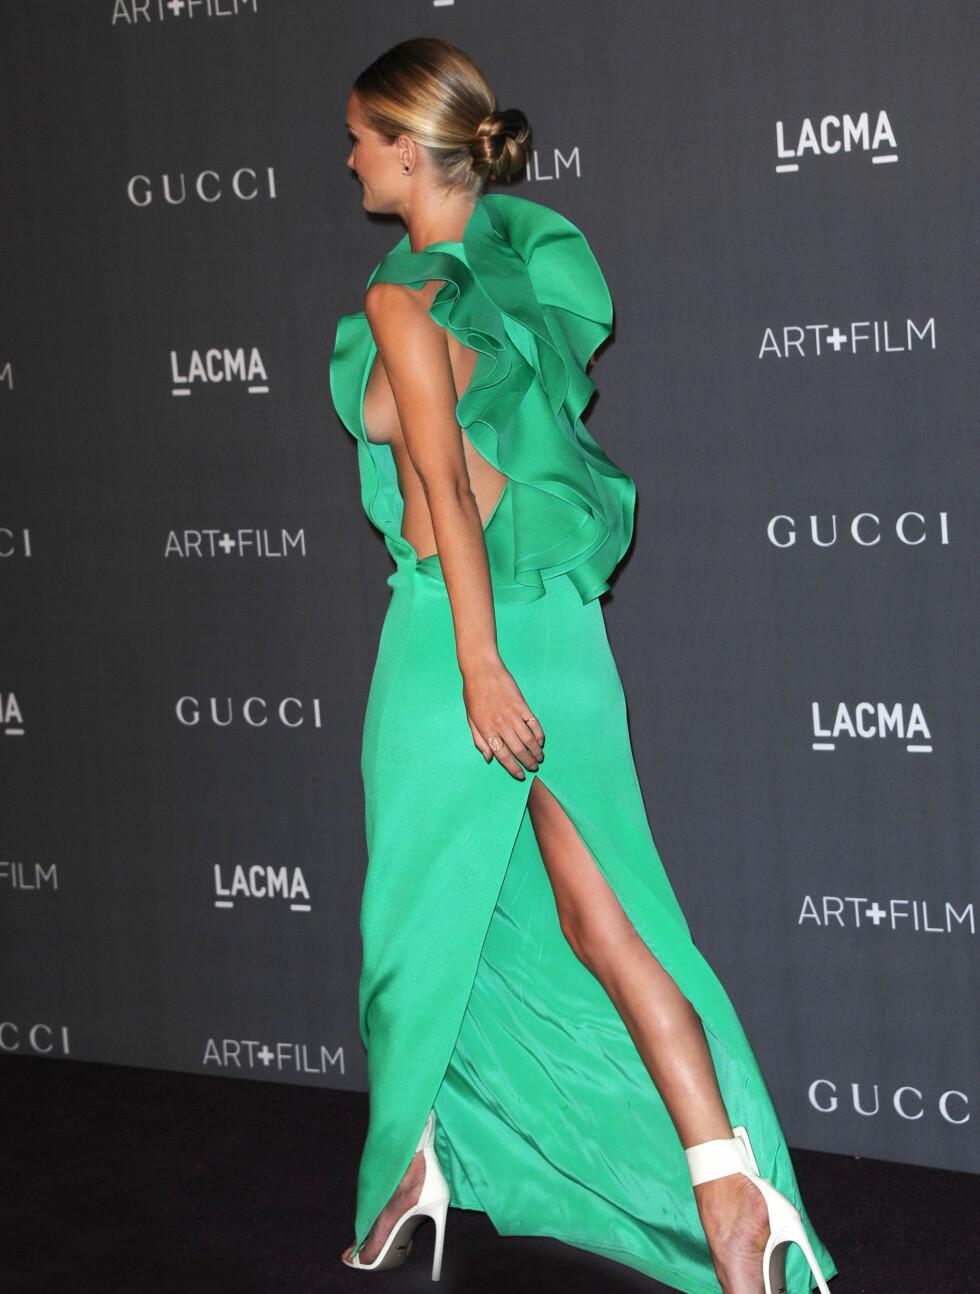 DRISTIG: Den grønne kjolen satt som et skudd på den vakre modellen. Foto: Stella Pictures